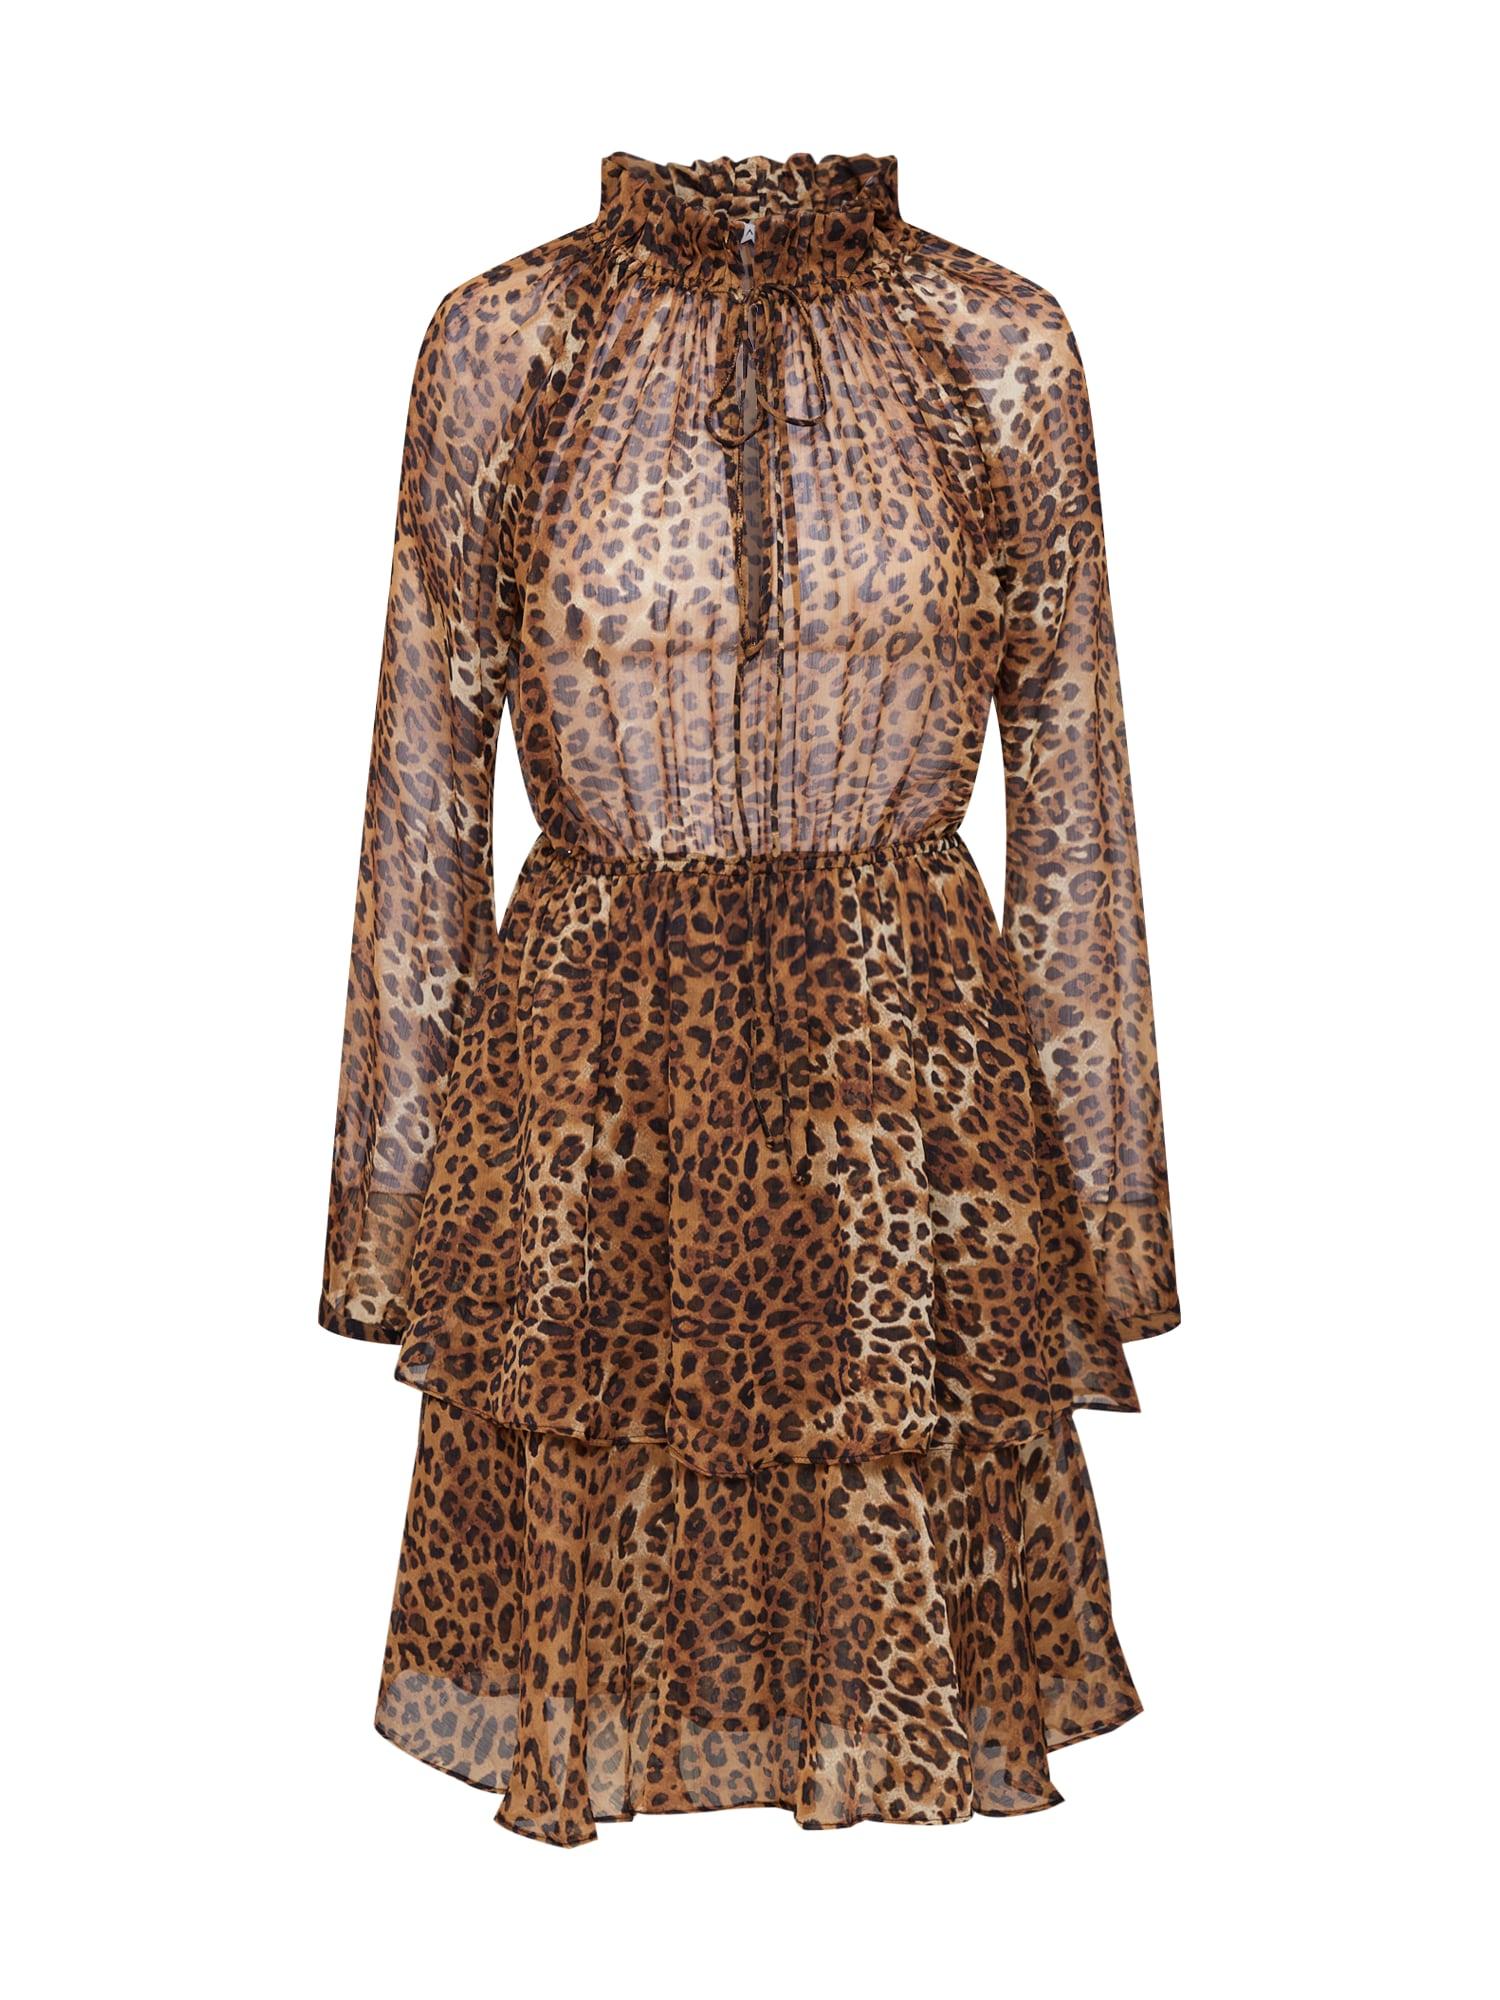 Koktejlové šaty High Neck Frill Layer Dress hnědá černá NA-KD